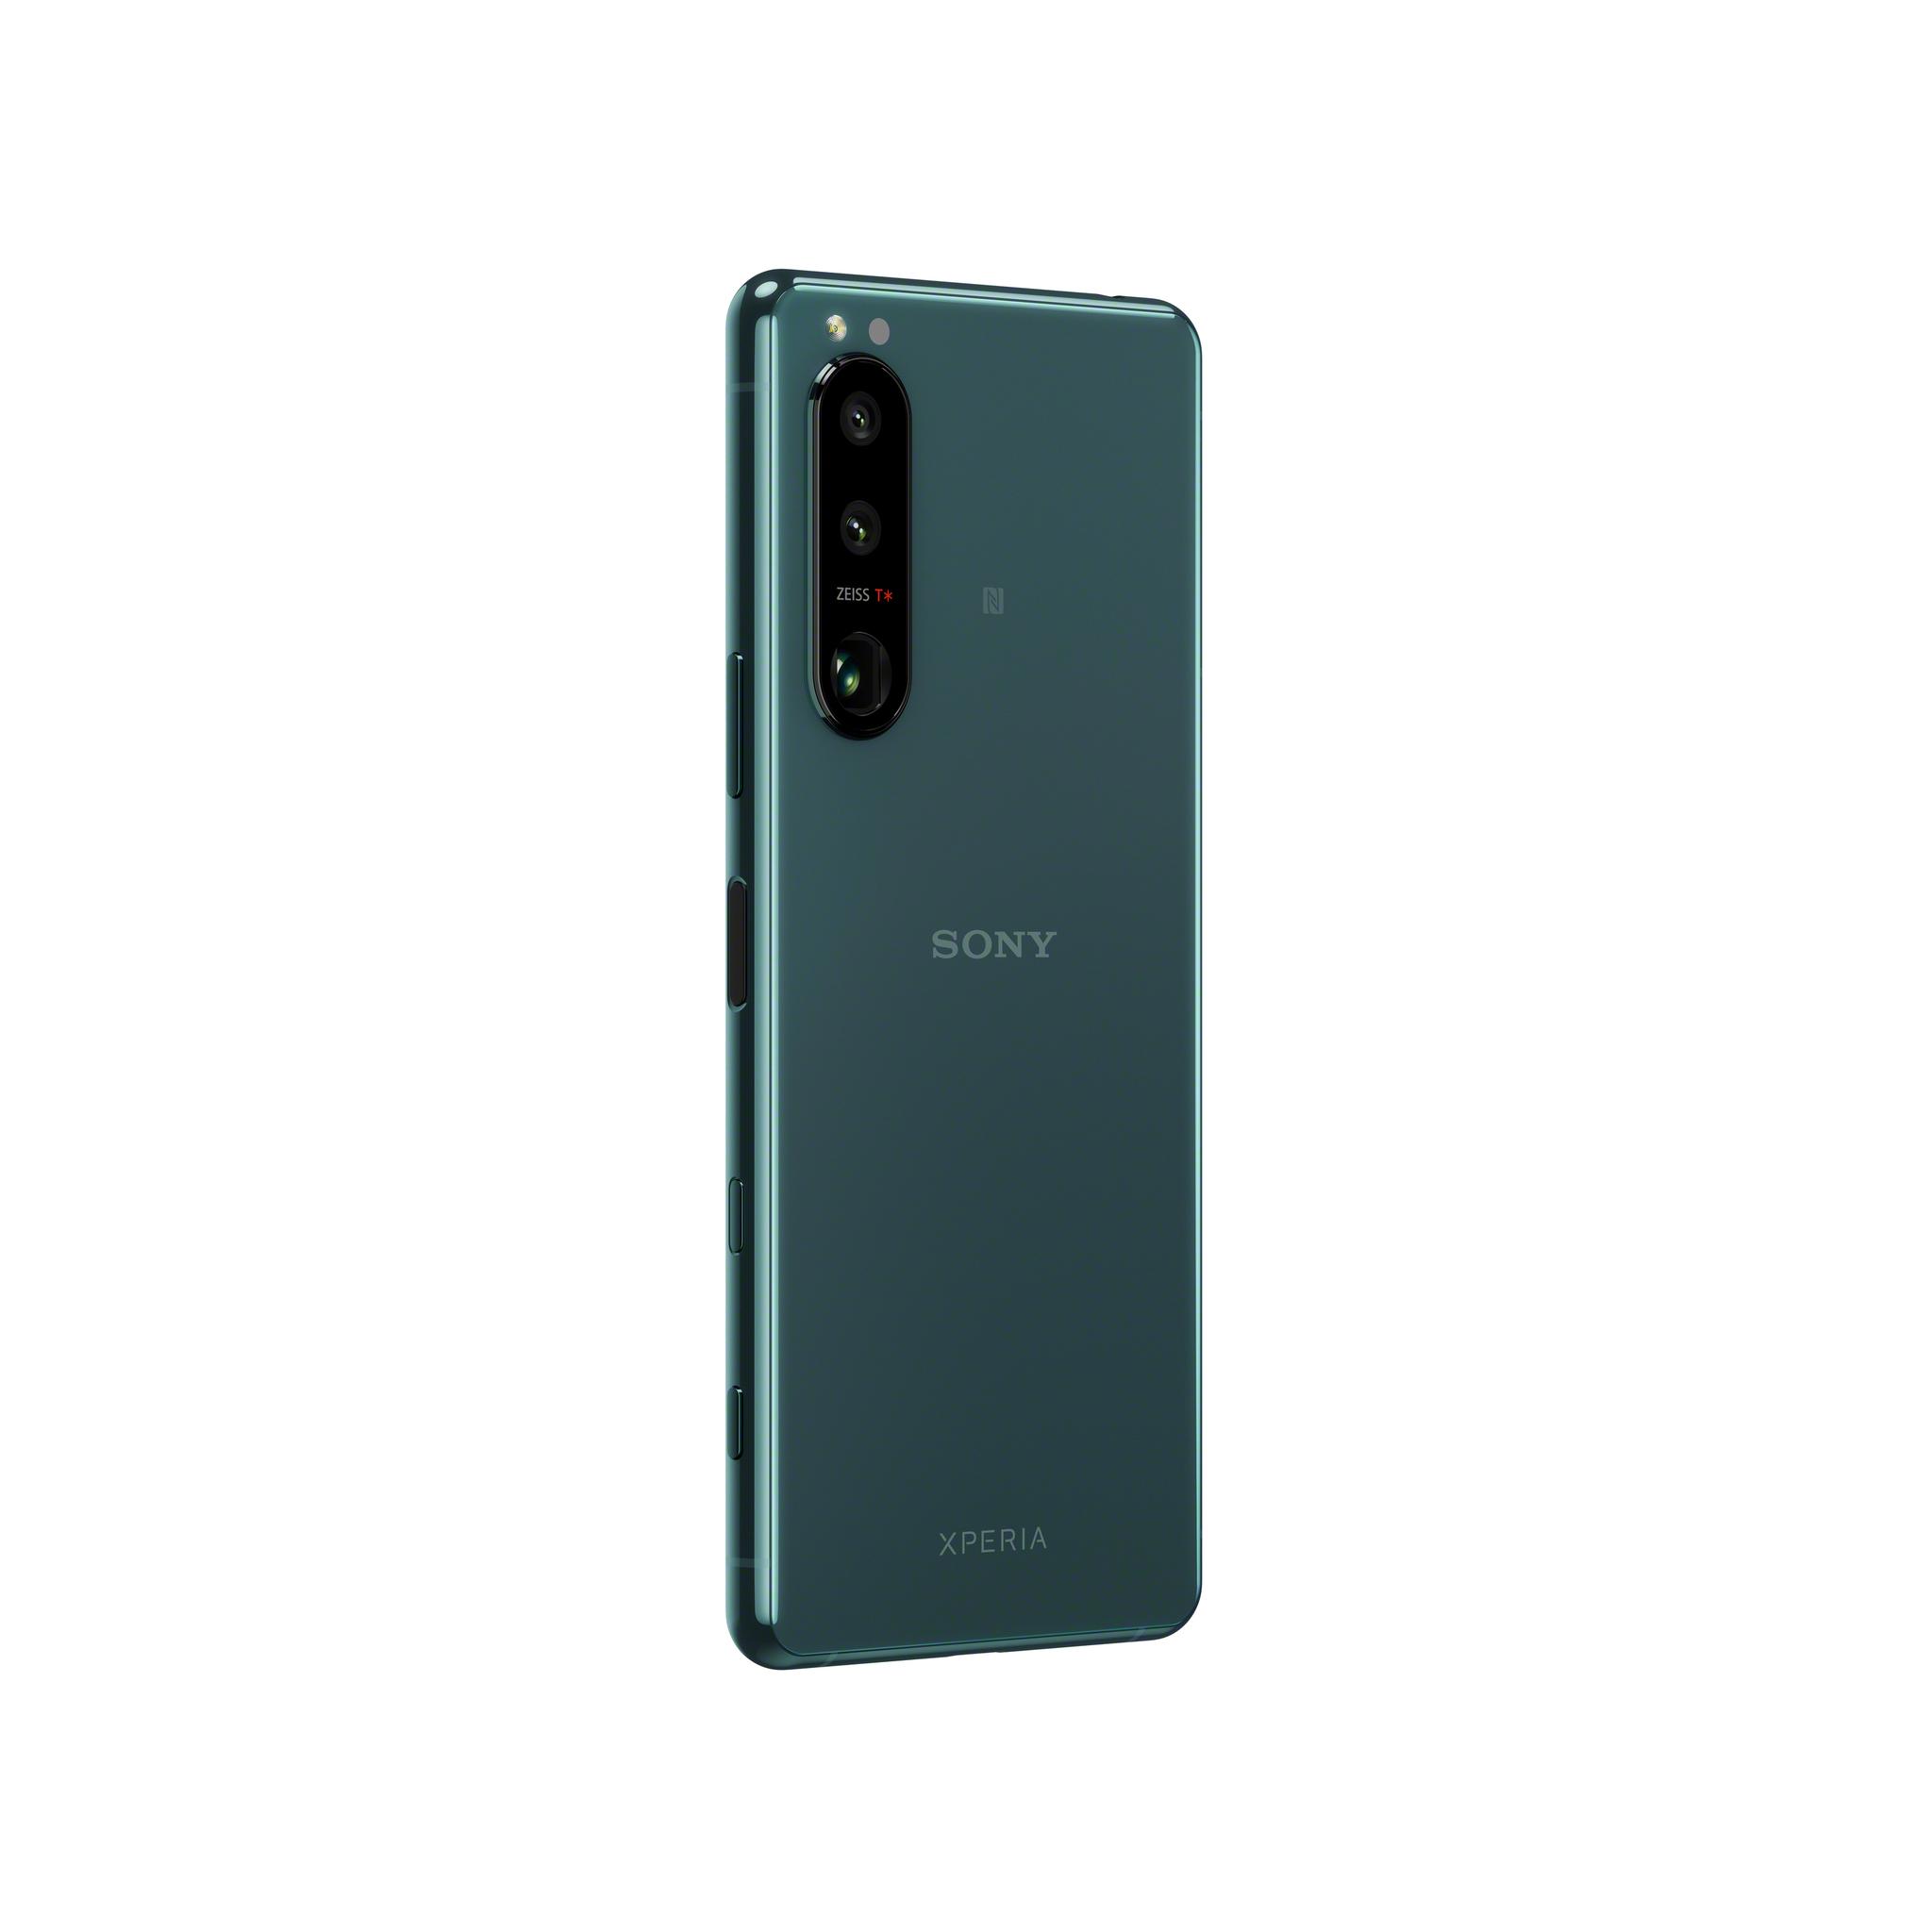 Смартфон Xperia 5 III красивого зелёного цвета в Sony Centre